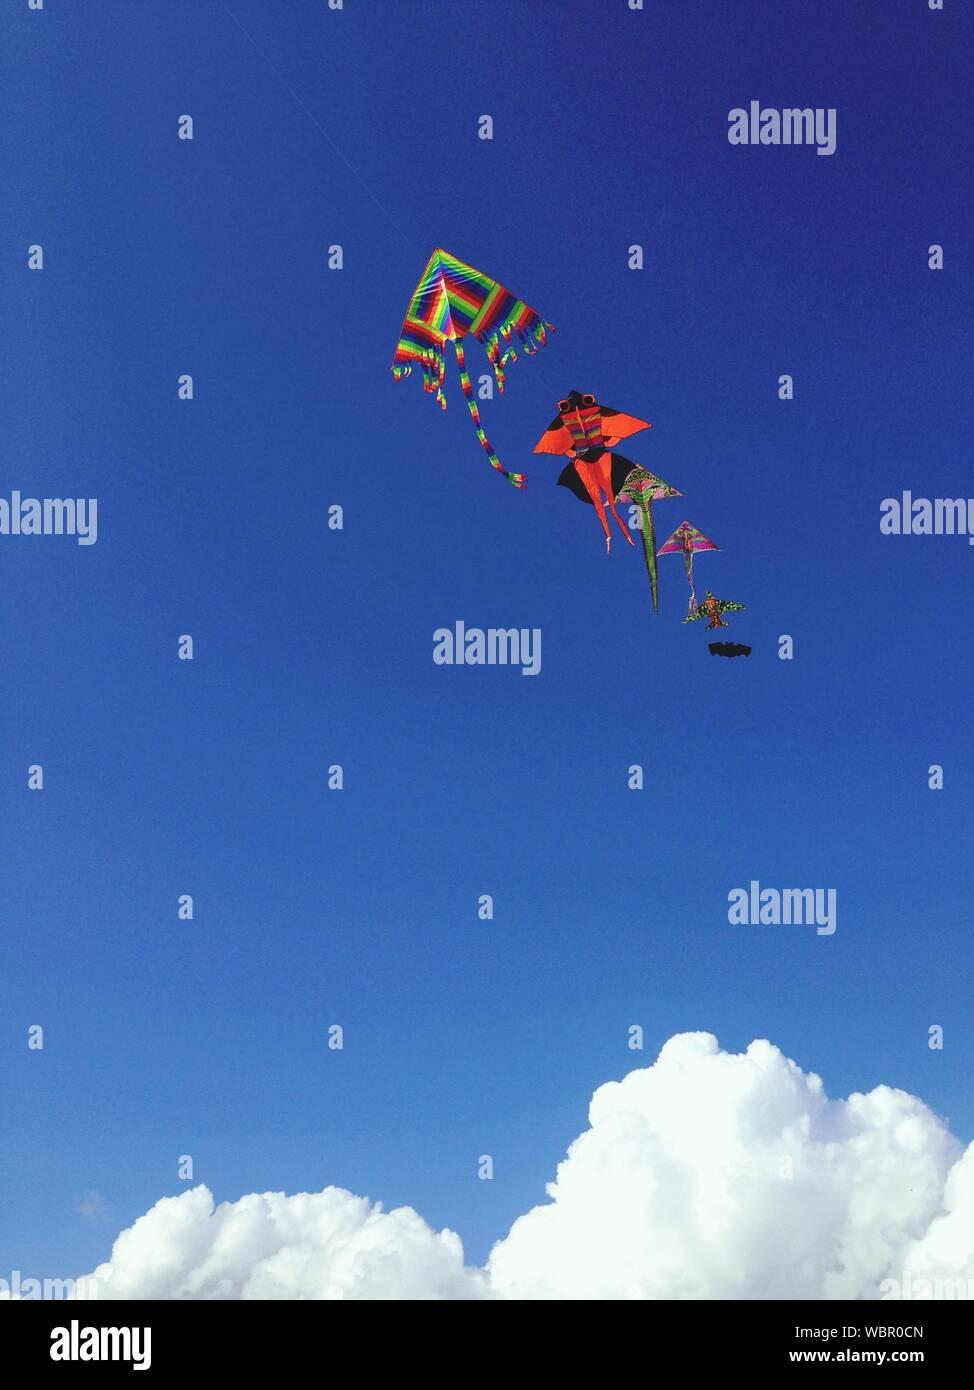 Cerfs-volants multicolores battant contre le ciel bleu Banque D'Images